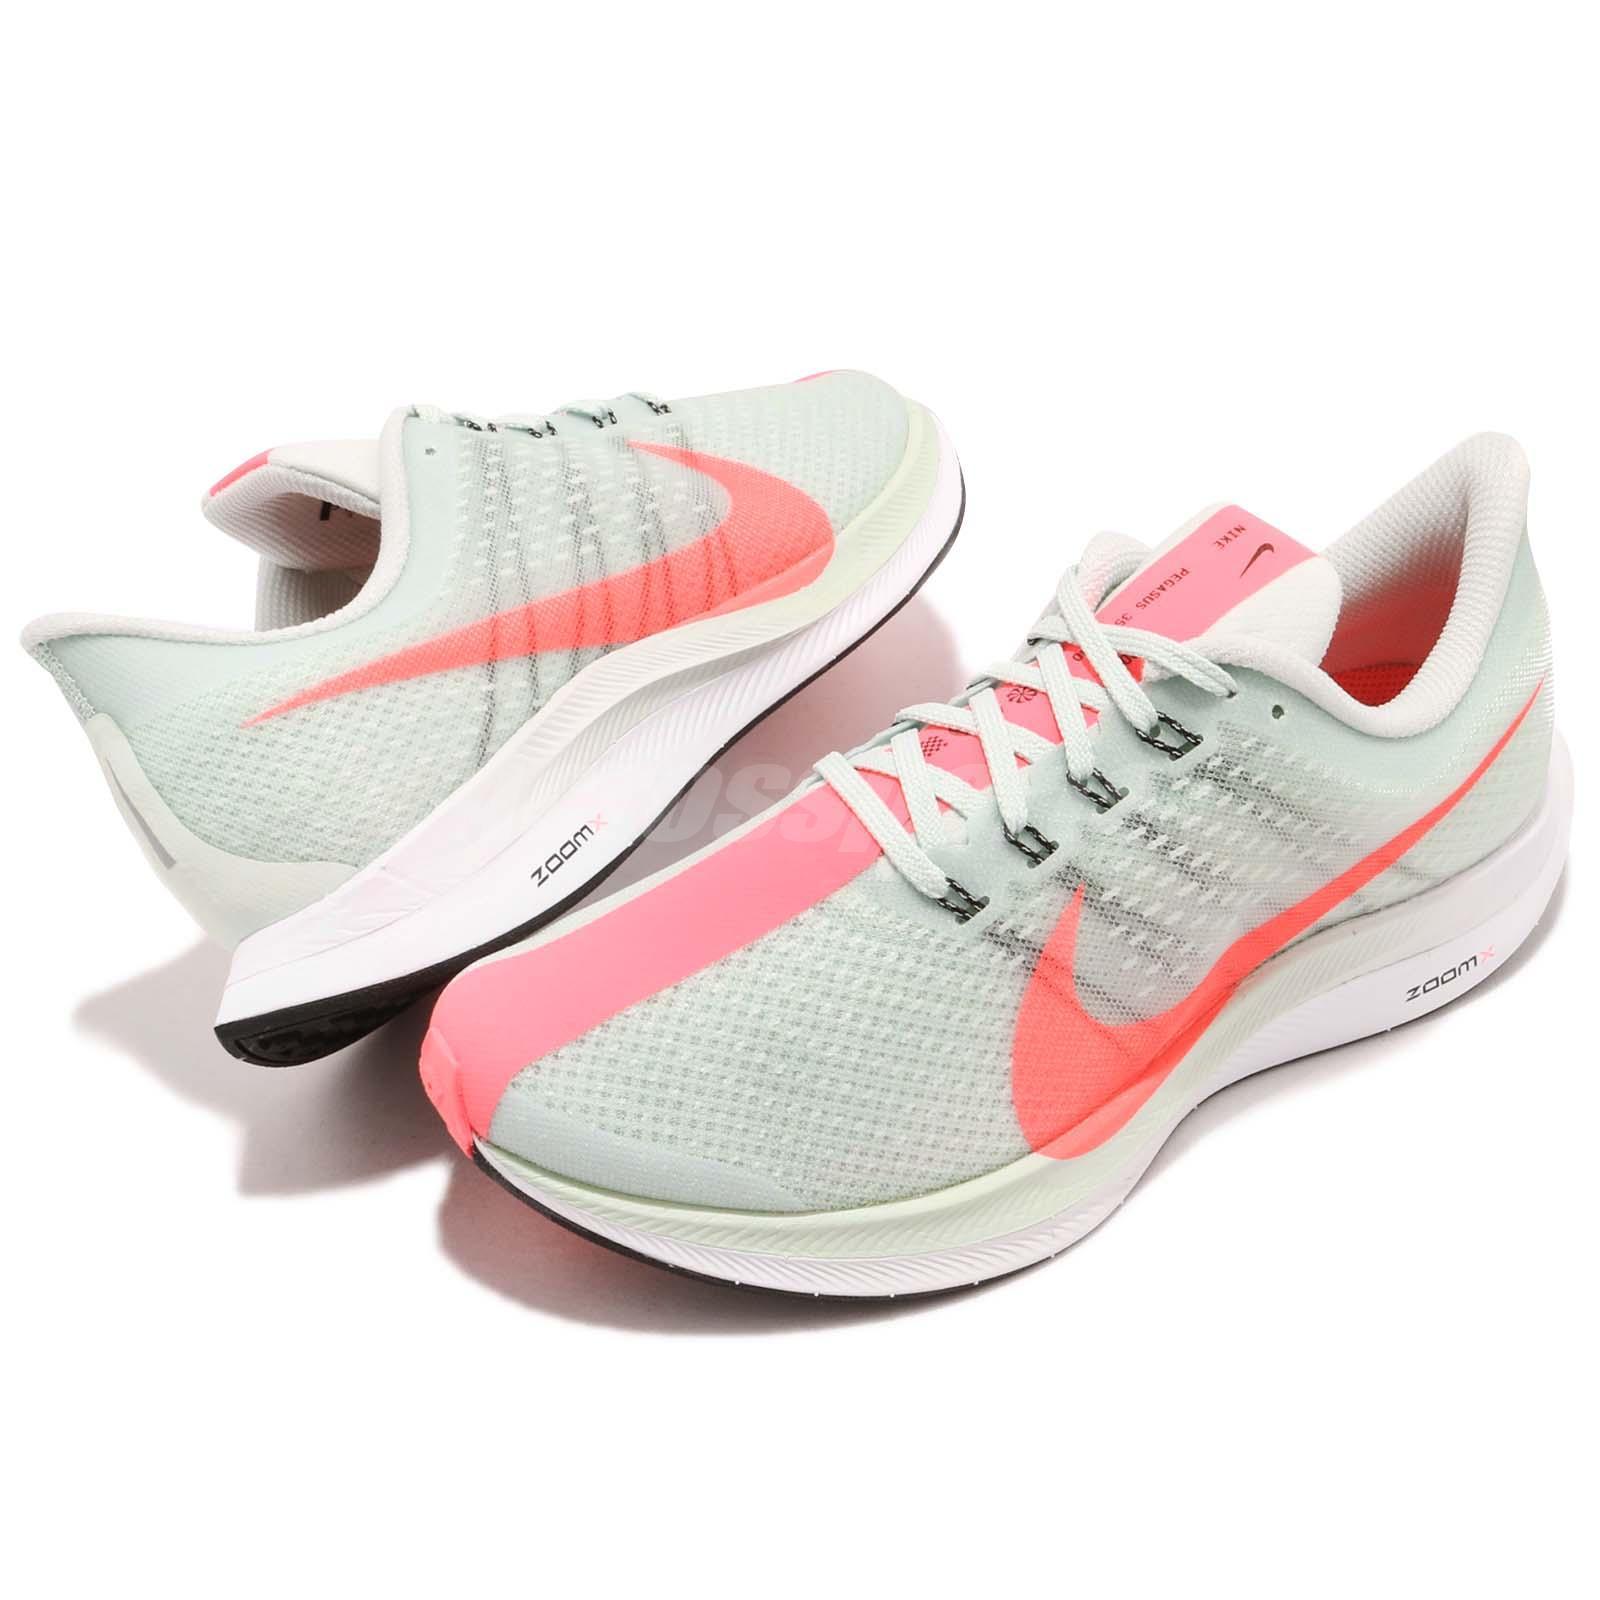 071a4622e36 om Hot Aj4115 Grey 060 Pegasus Detaljer Barely Zoom 35 Nike Løpesko Wmns  Turbo Punch fHqSqxZ